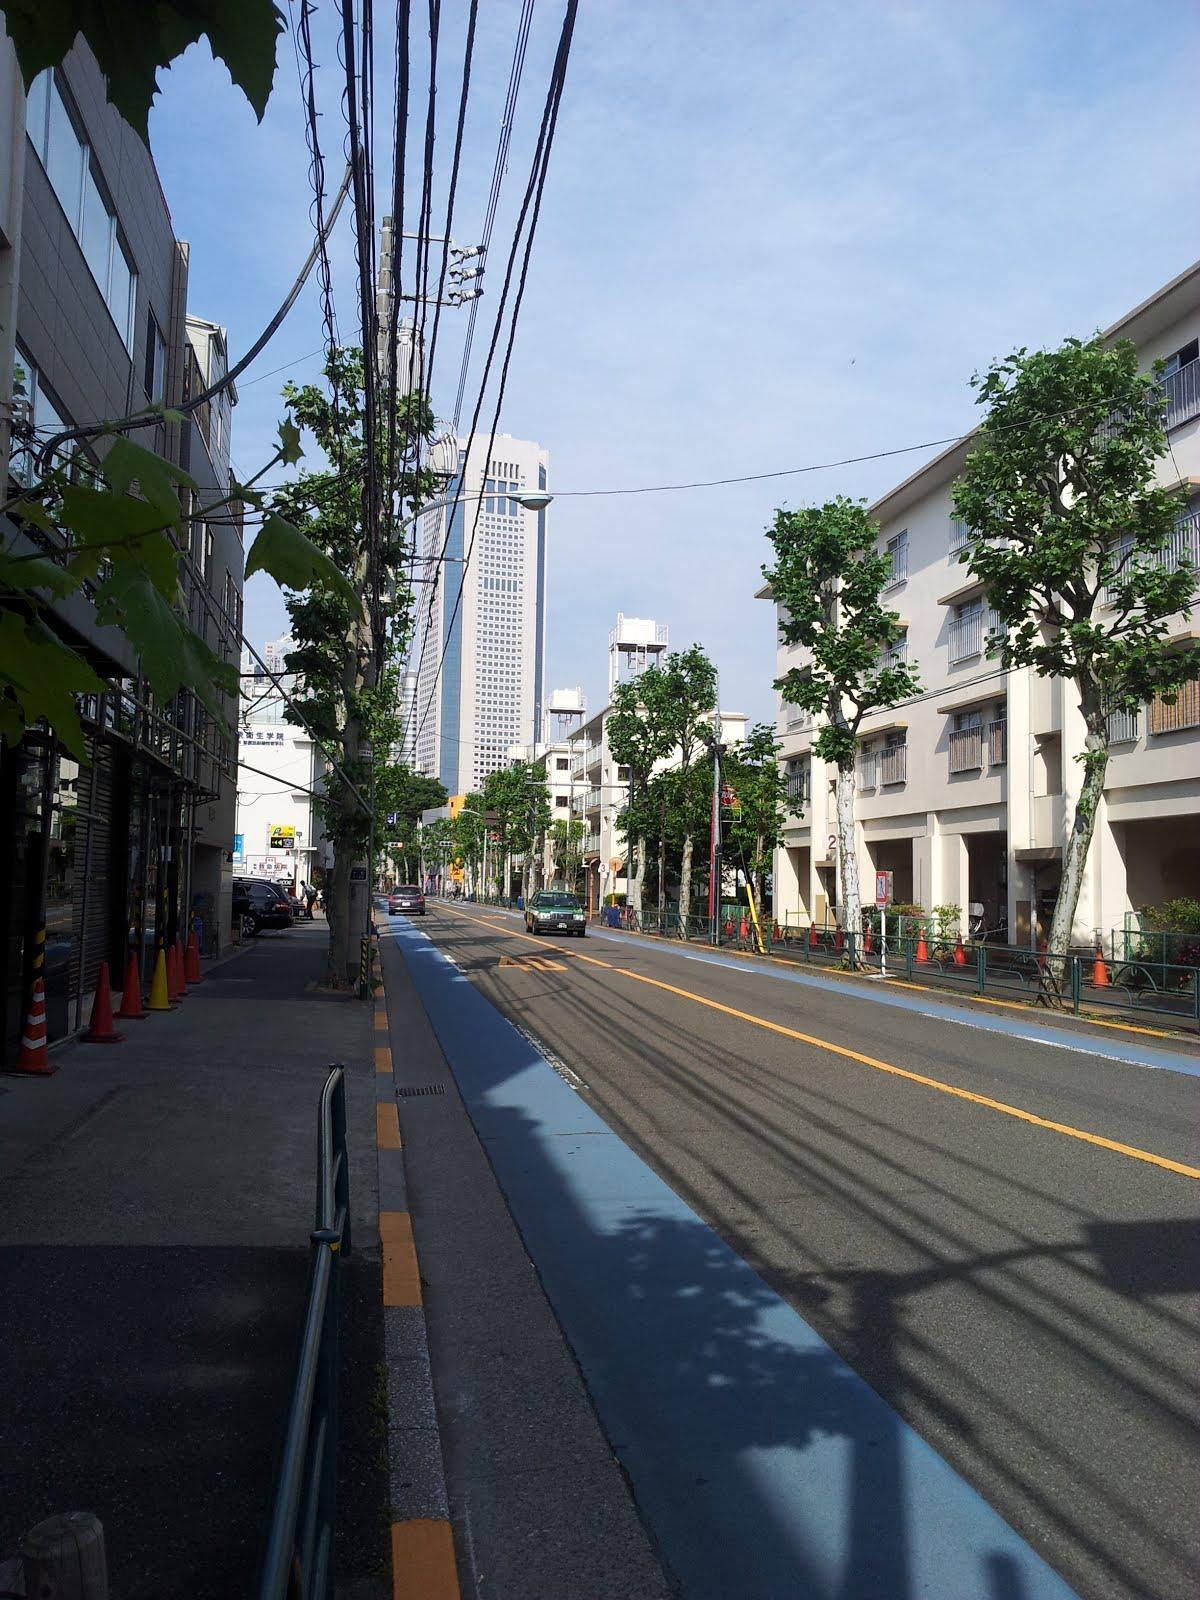 八木東一のブログ: 幡ヶ谷に向か...